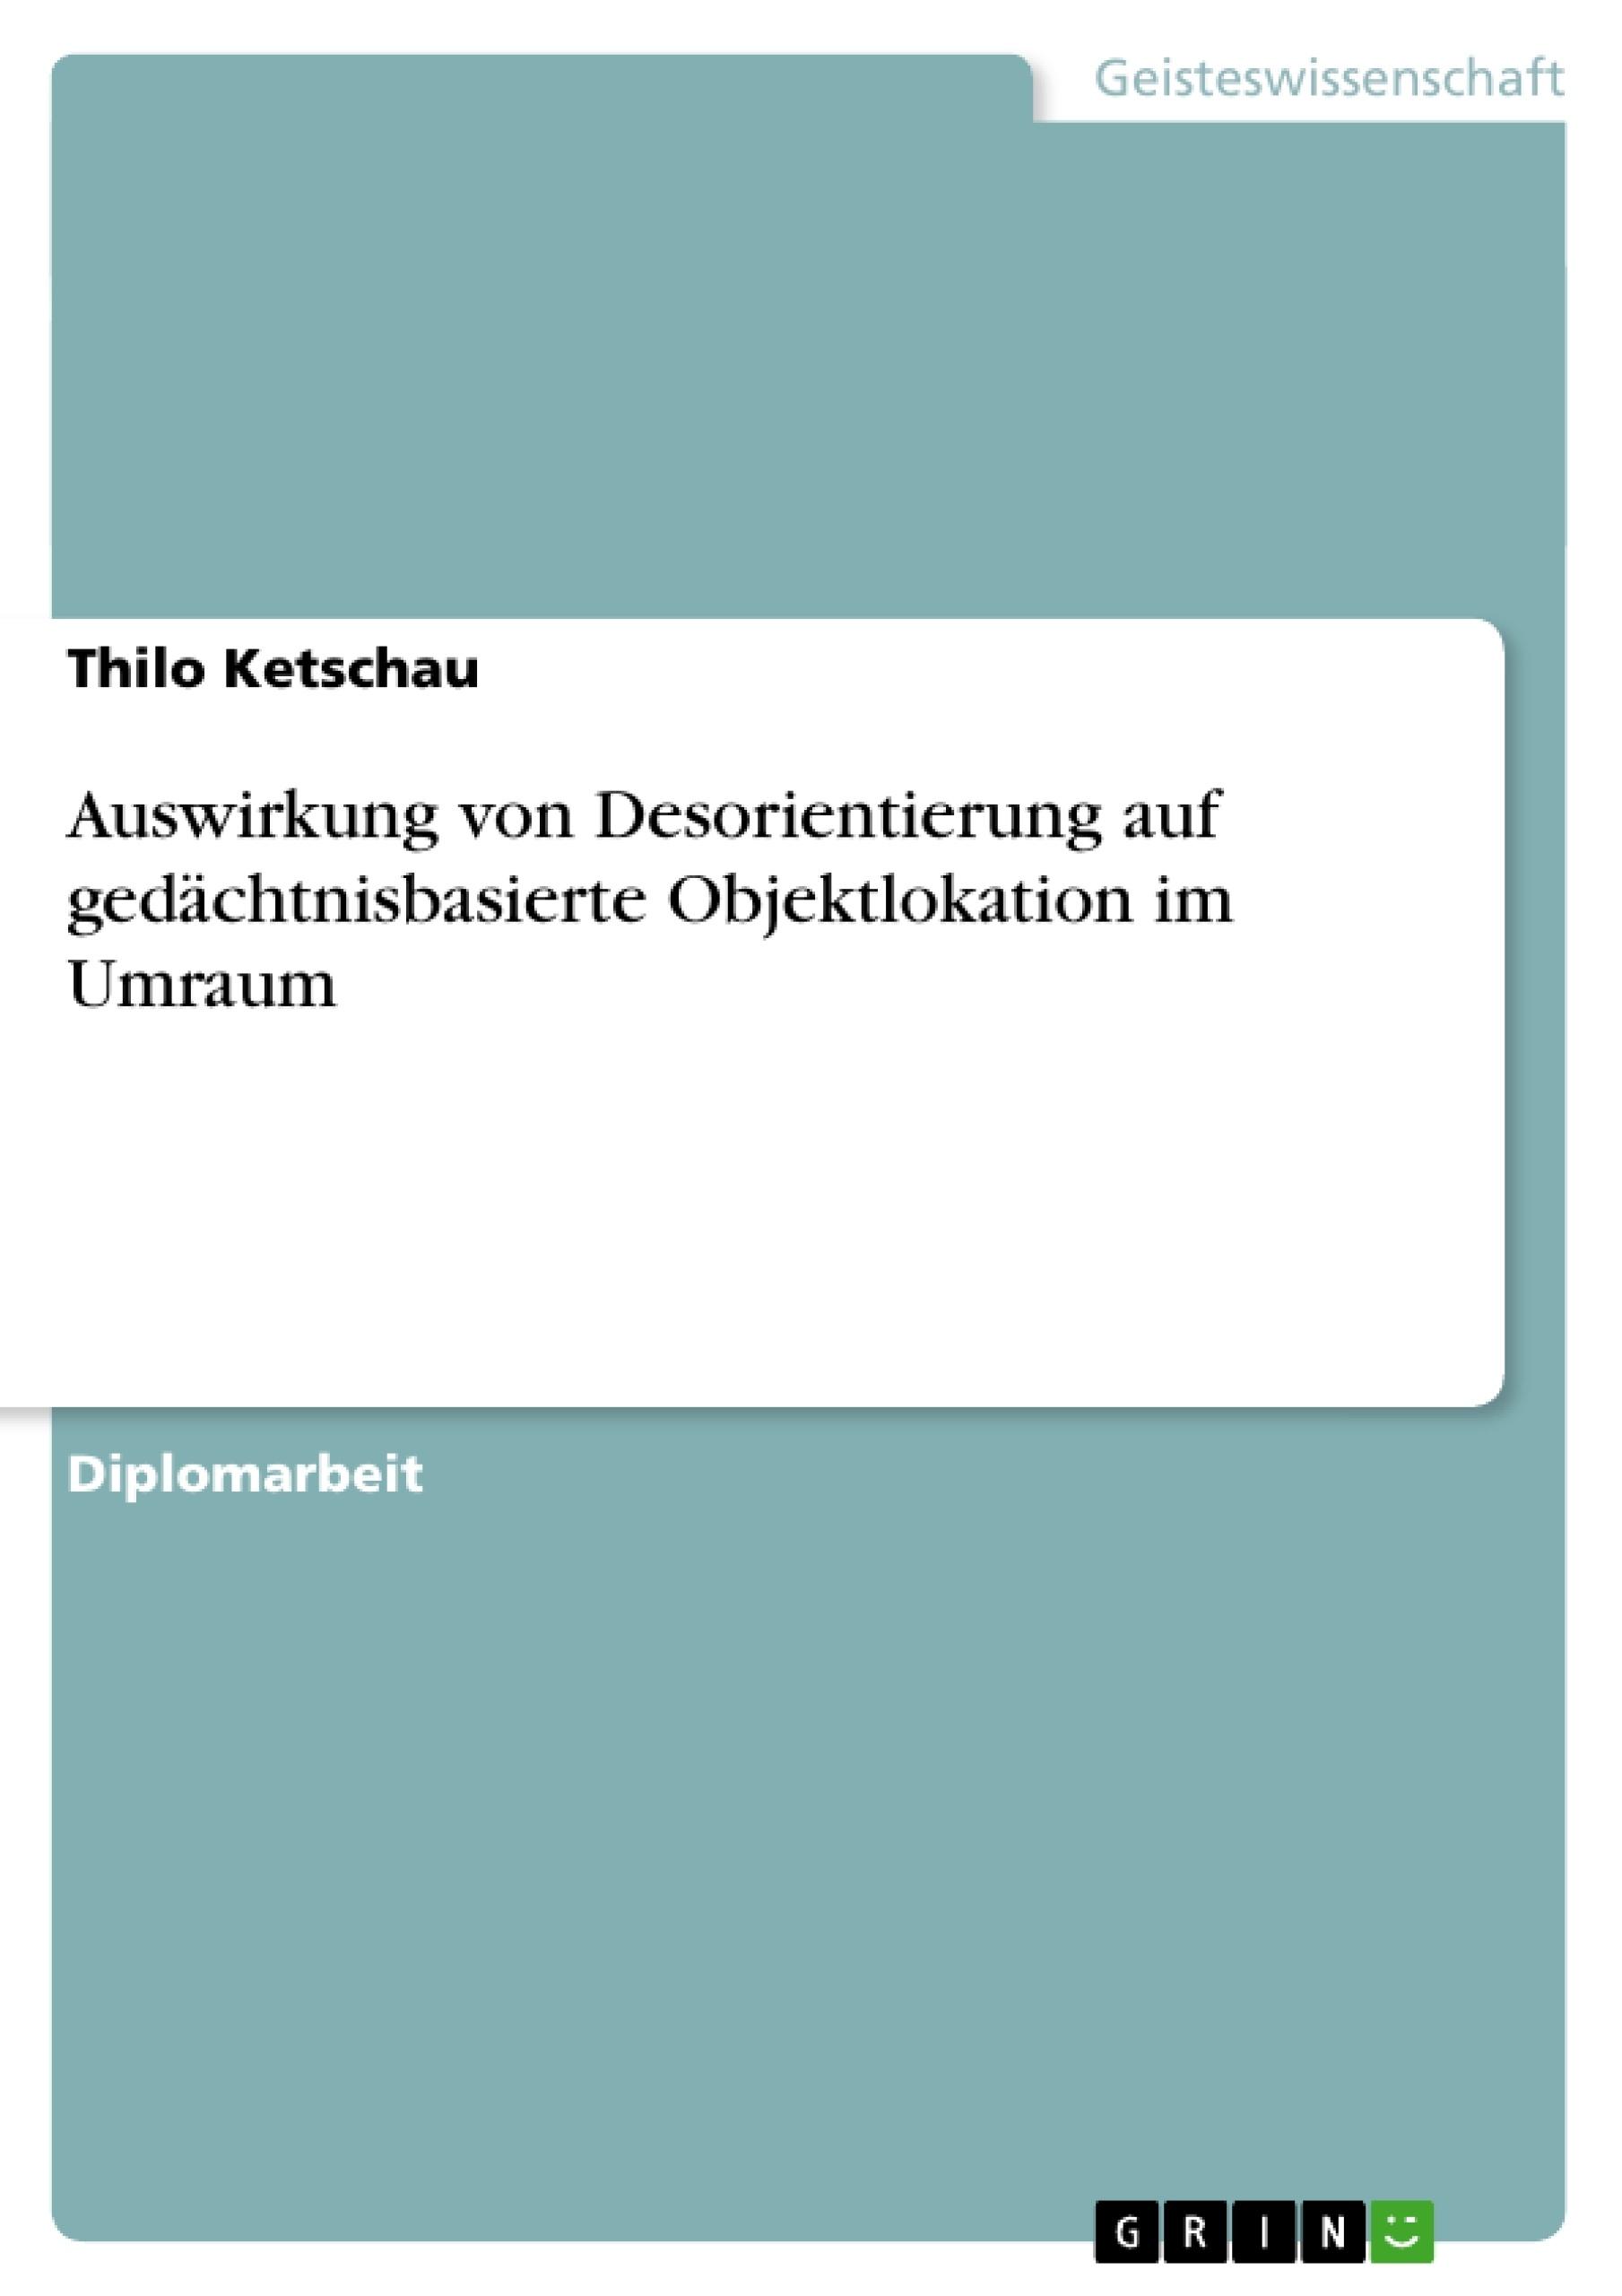 Titel: Auswirkung von Desorientierung auf gedächtnisbasierte Objektlokation im Umraum